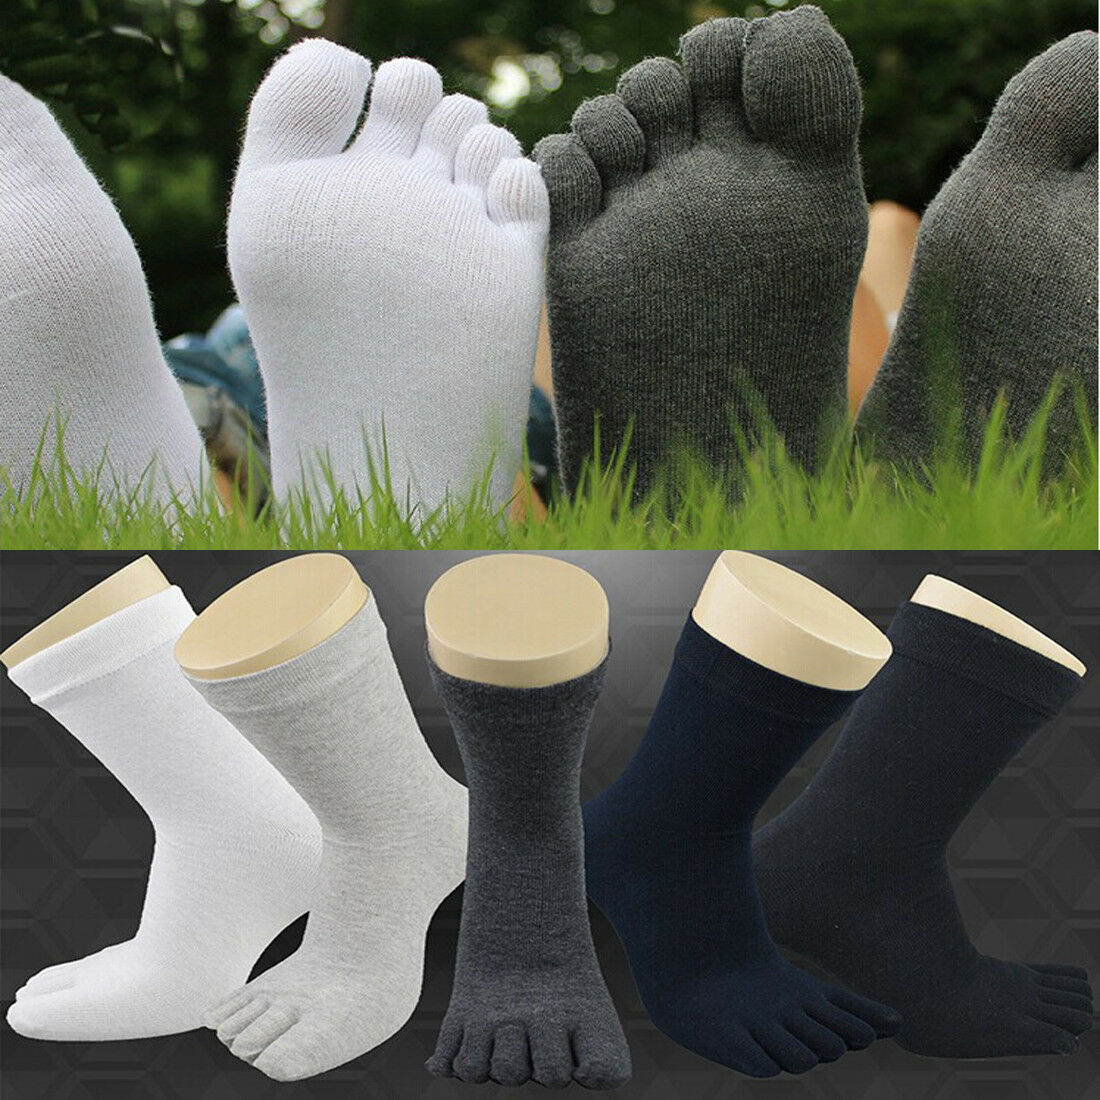 Mode Fünf Finger Socken Herren Damen Weich Reine Baumwolle SPORTS Zehensocken